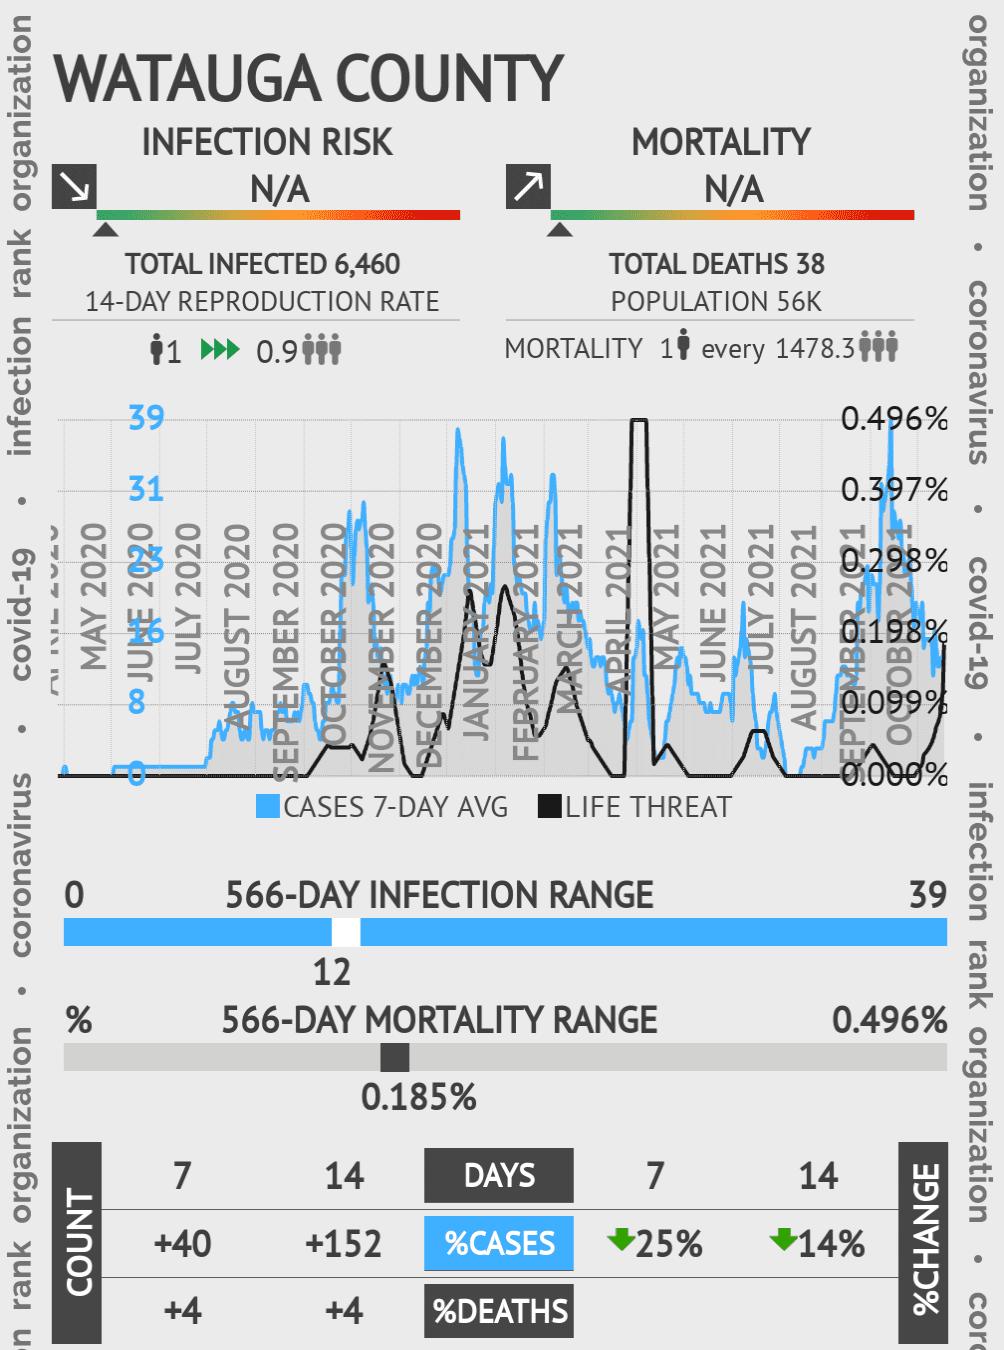 Watauga County Coronavirus Covid-19 Risk of Infection on January 21, 2021